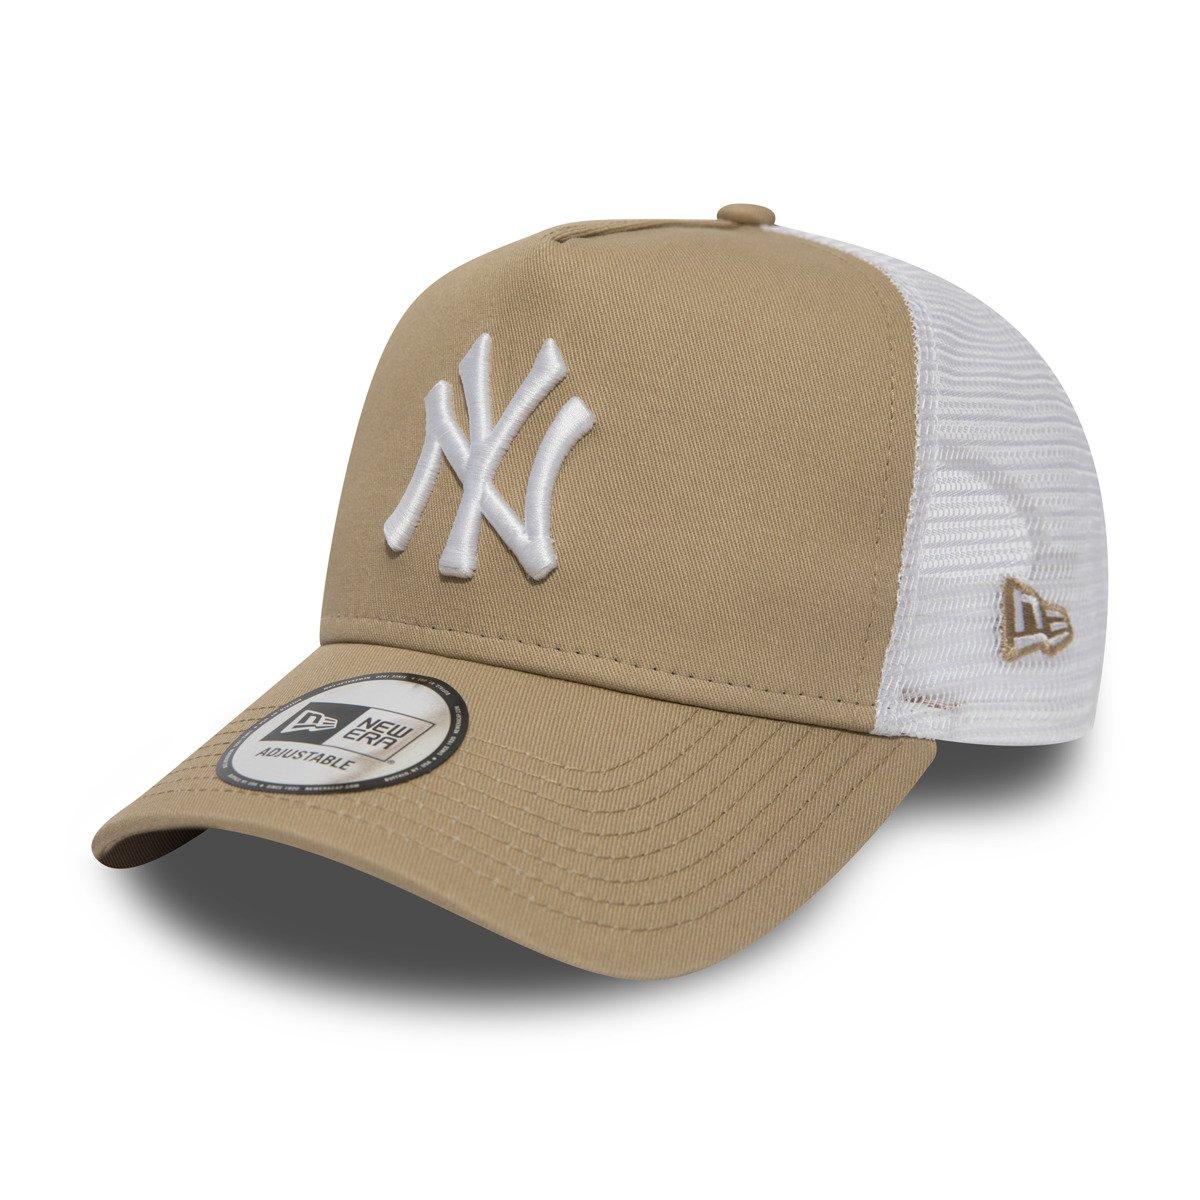 7ce140dba821 New Era A Frame MLB League Essential Trucker Cap Camel - 11871466 -  Basketo.fr